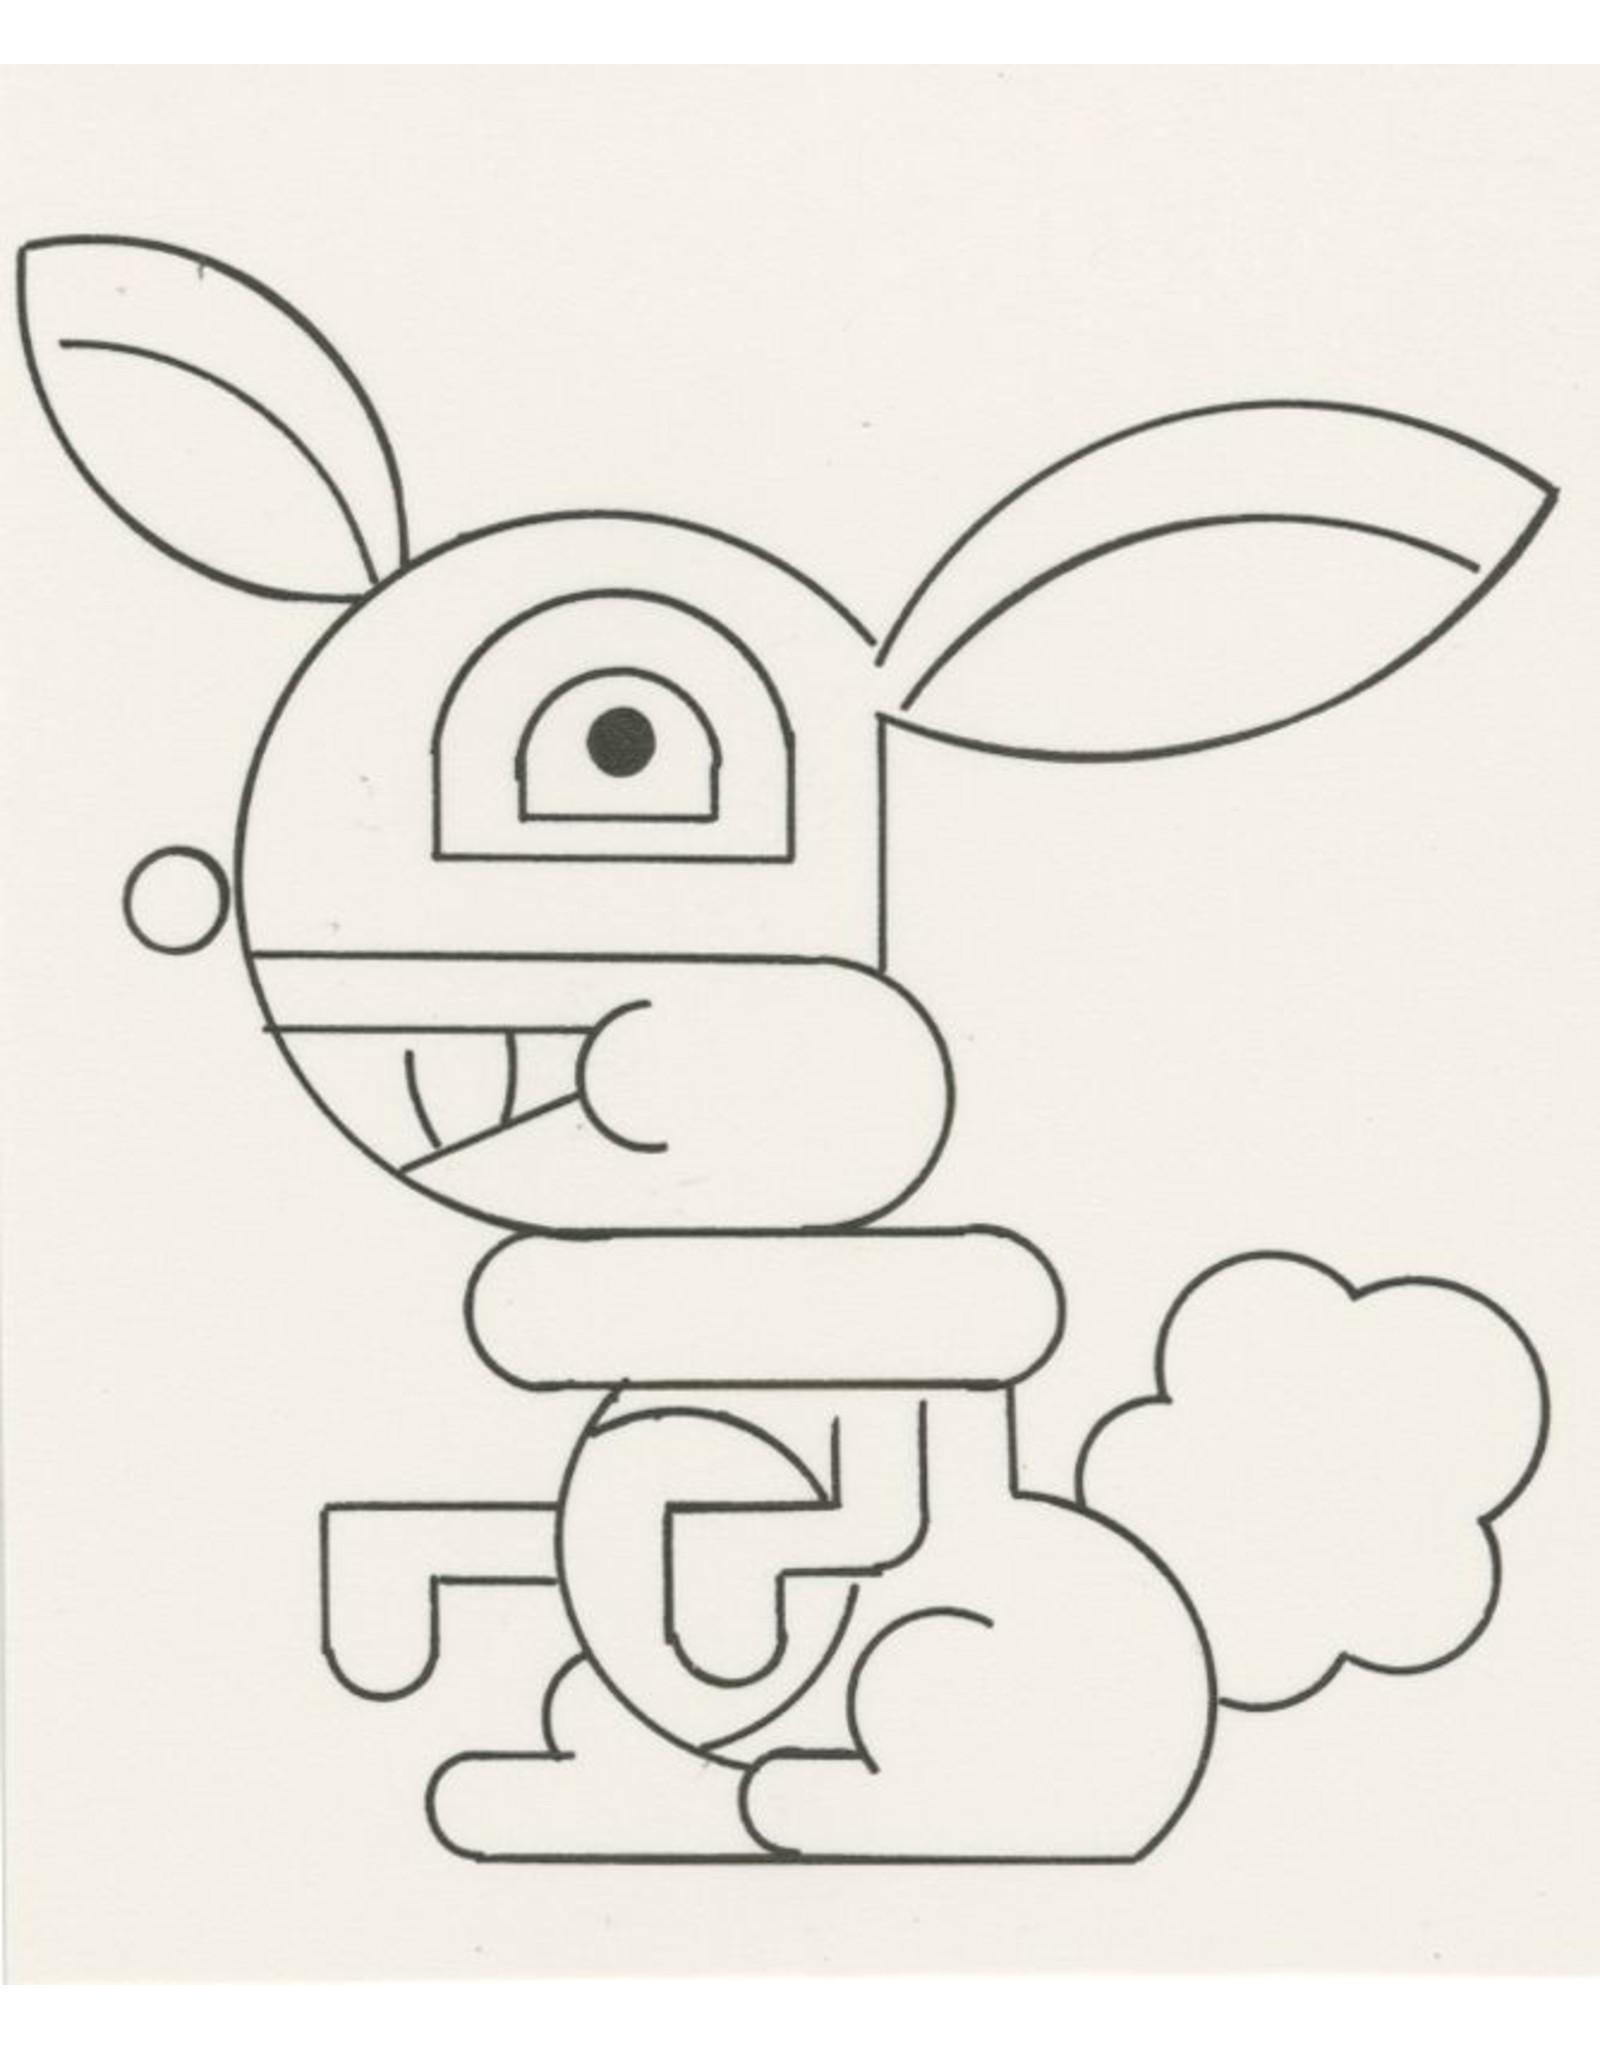 Ivan Brunetti Rabbit, Illustration by Ivan Brunetti